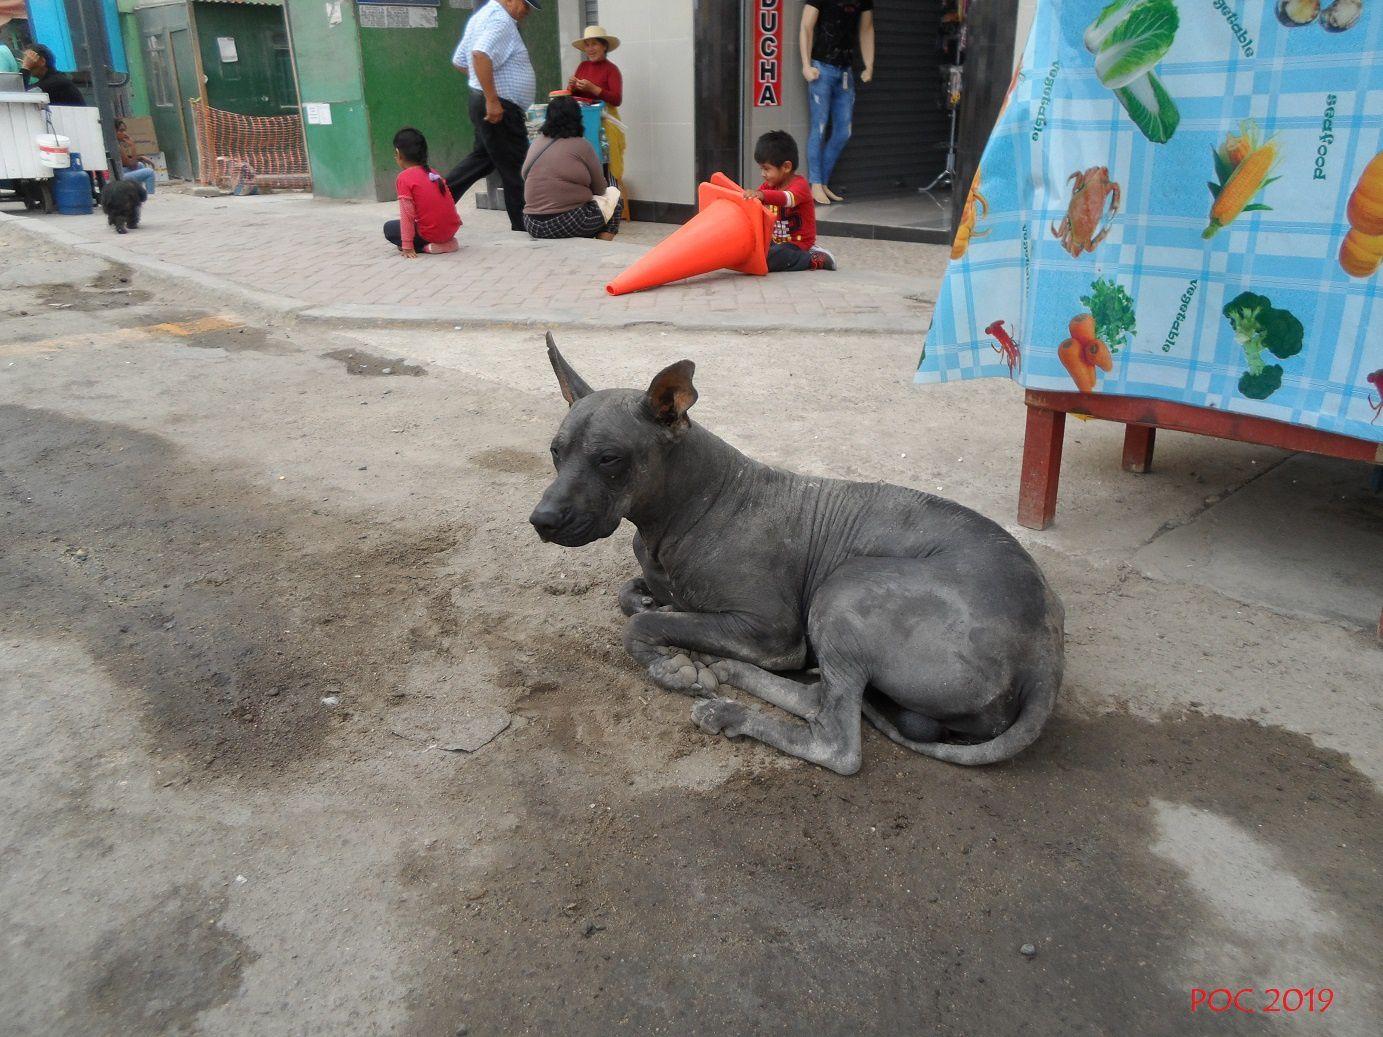 """Chien sans poils et sans voix (""""perro chino"""") à Chala. Cette race sélectionnée depuis des temps immémoriaux par les peuples d'Asie et du Pacifique était destinée à être rôtie et consommée, comme c'est toujours le cas en Asie du Sud-est. Au Pérou, comme dans d'autres pays d'Amérique centrale et du sud (Mexique par exemple), il est élevé depuis les temps préhispaniques, mais aujourd'hui les gens ont oublié pourquoi et il n'est plus qu'un animal de compagnie un peu étrange."""